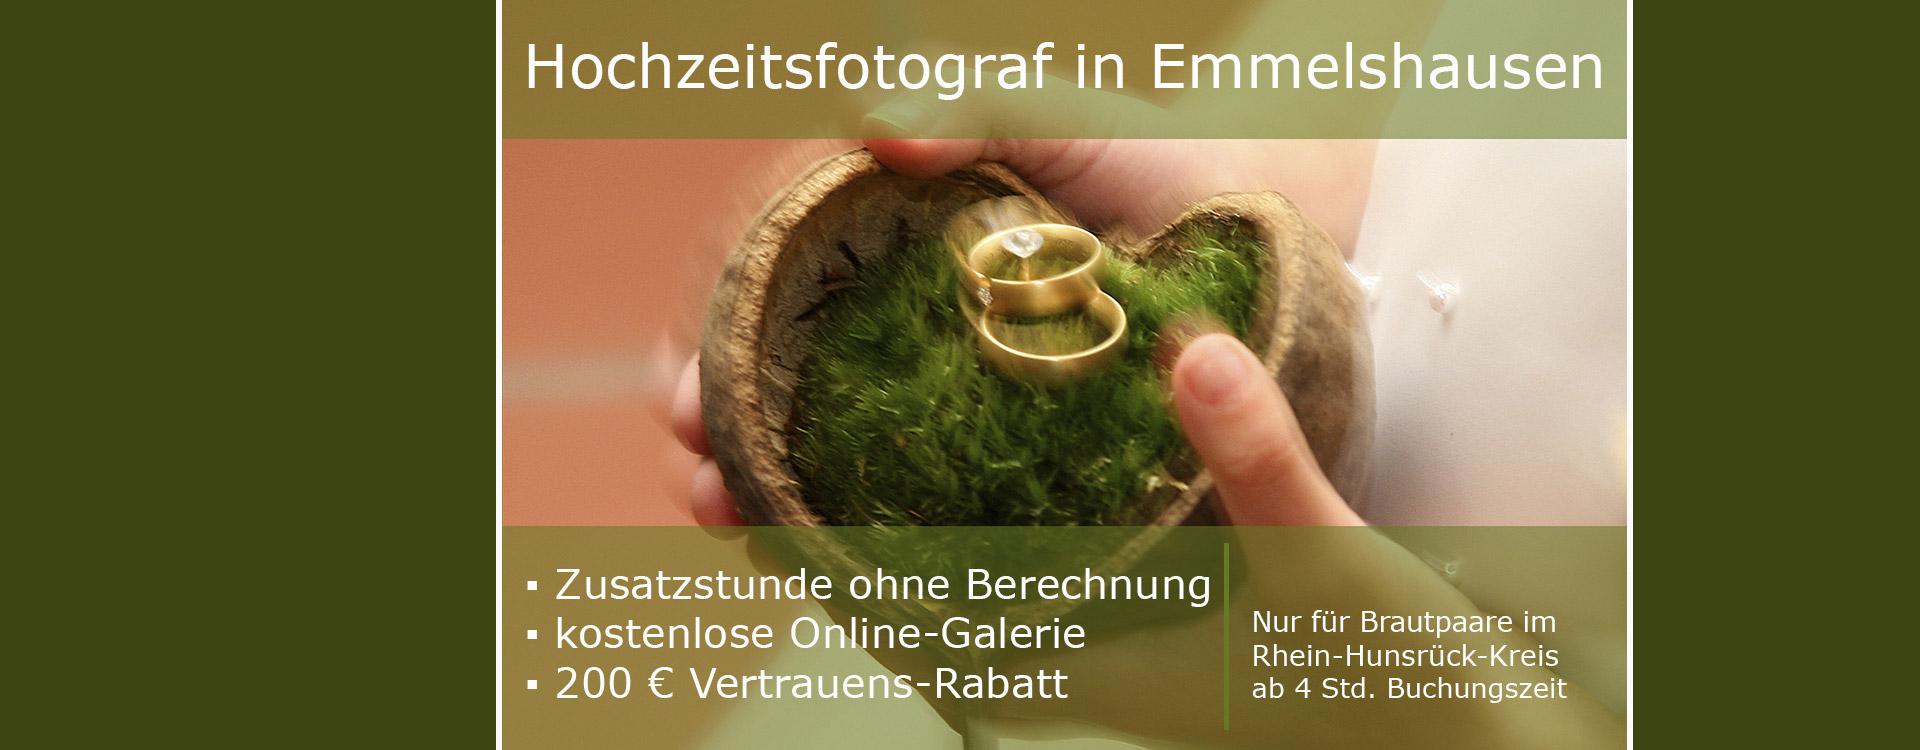 Hochzeitsfotograf in Emmelshausen, Preise im Rhein-Hunsrück-Kreis